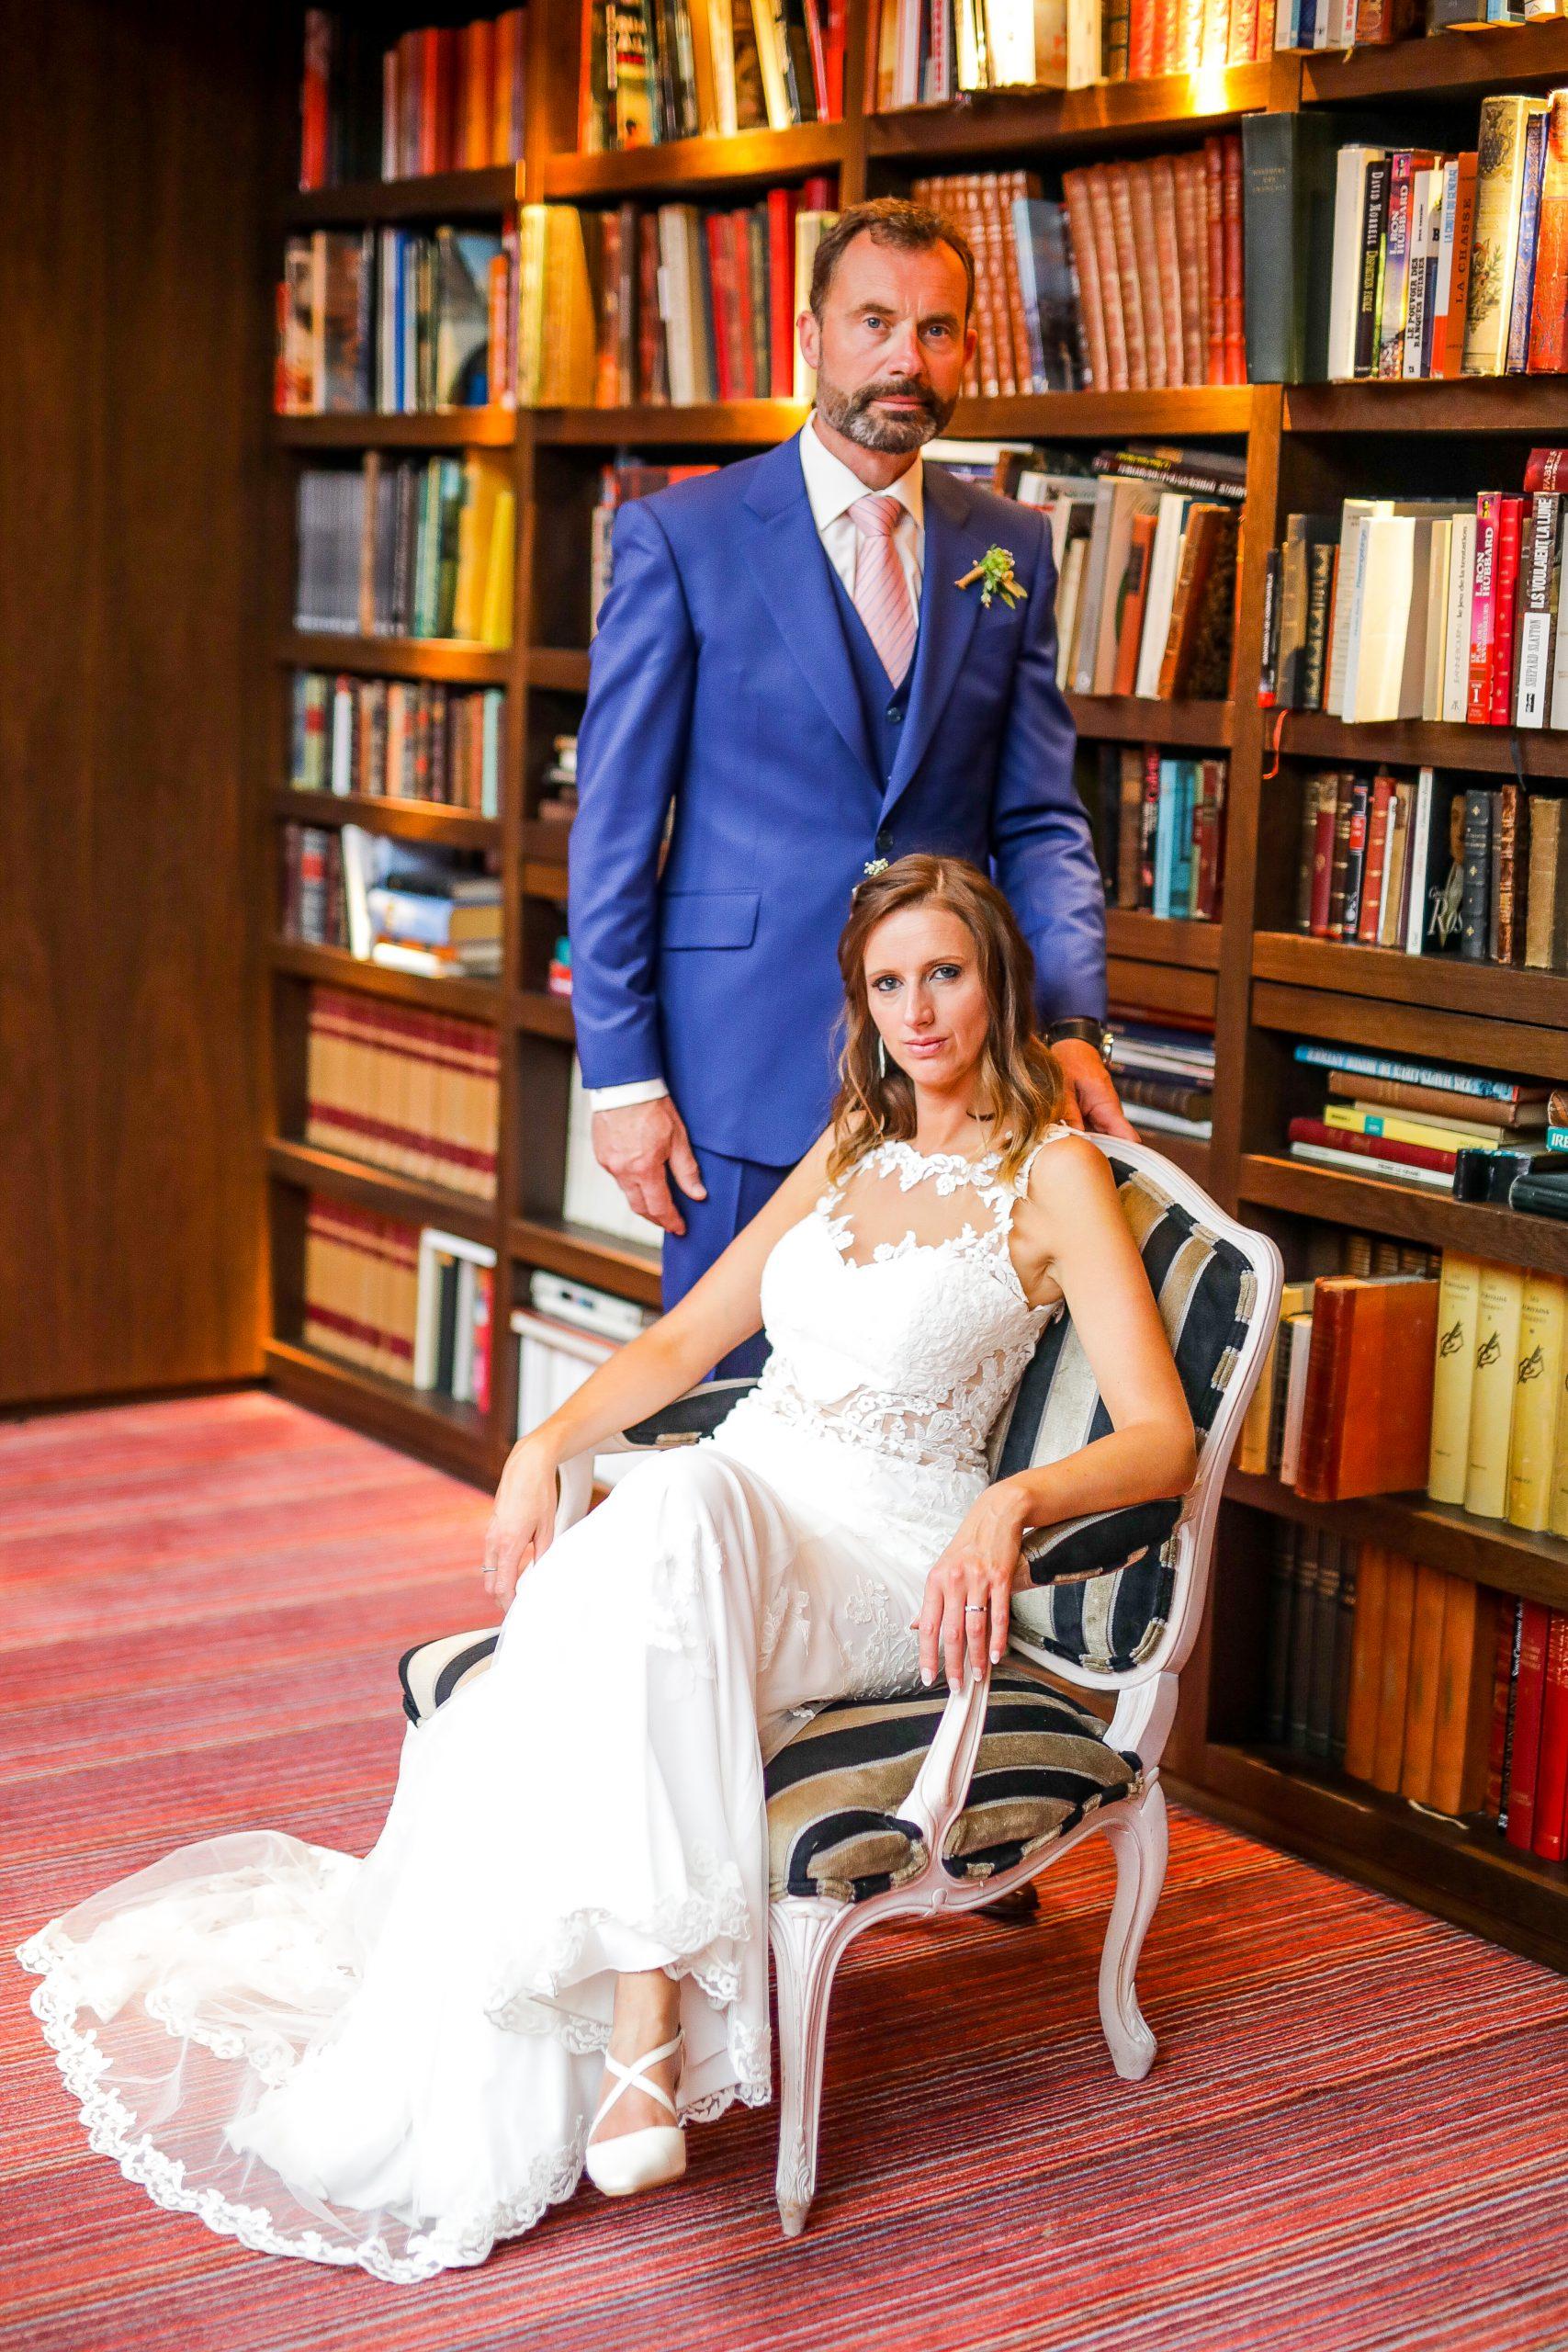 Photographe mariage - Hôtel de Bourgtheroulde - Rouen - Séance couple - mariage France - mariage intime